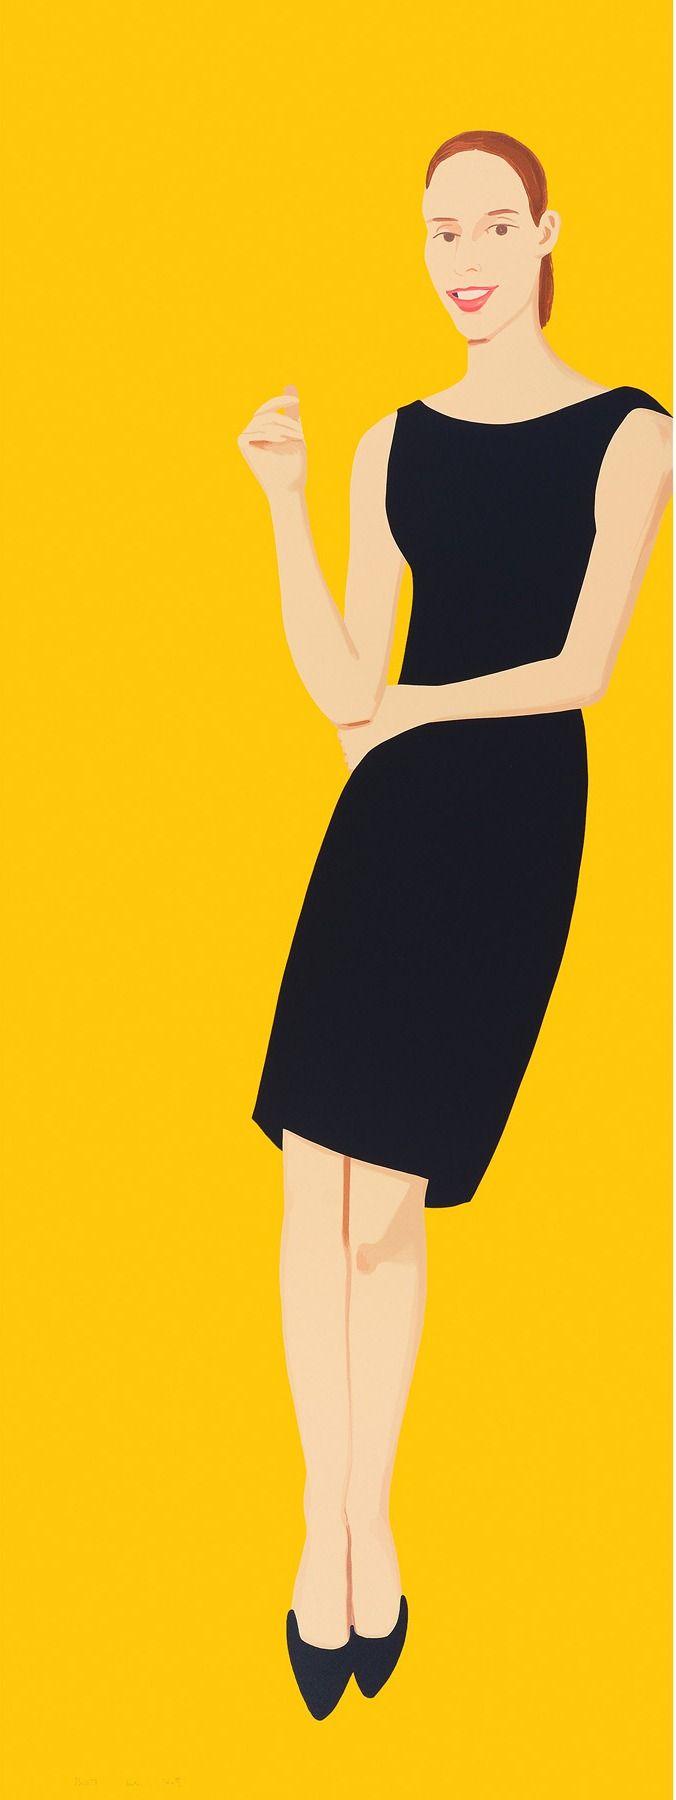 La robe noire d'alex katz